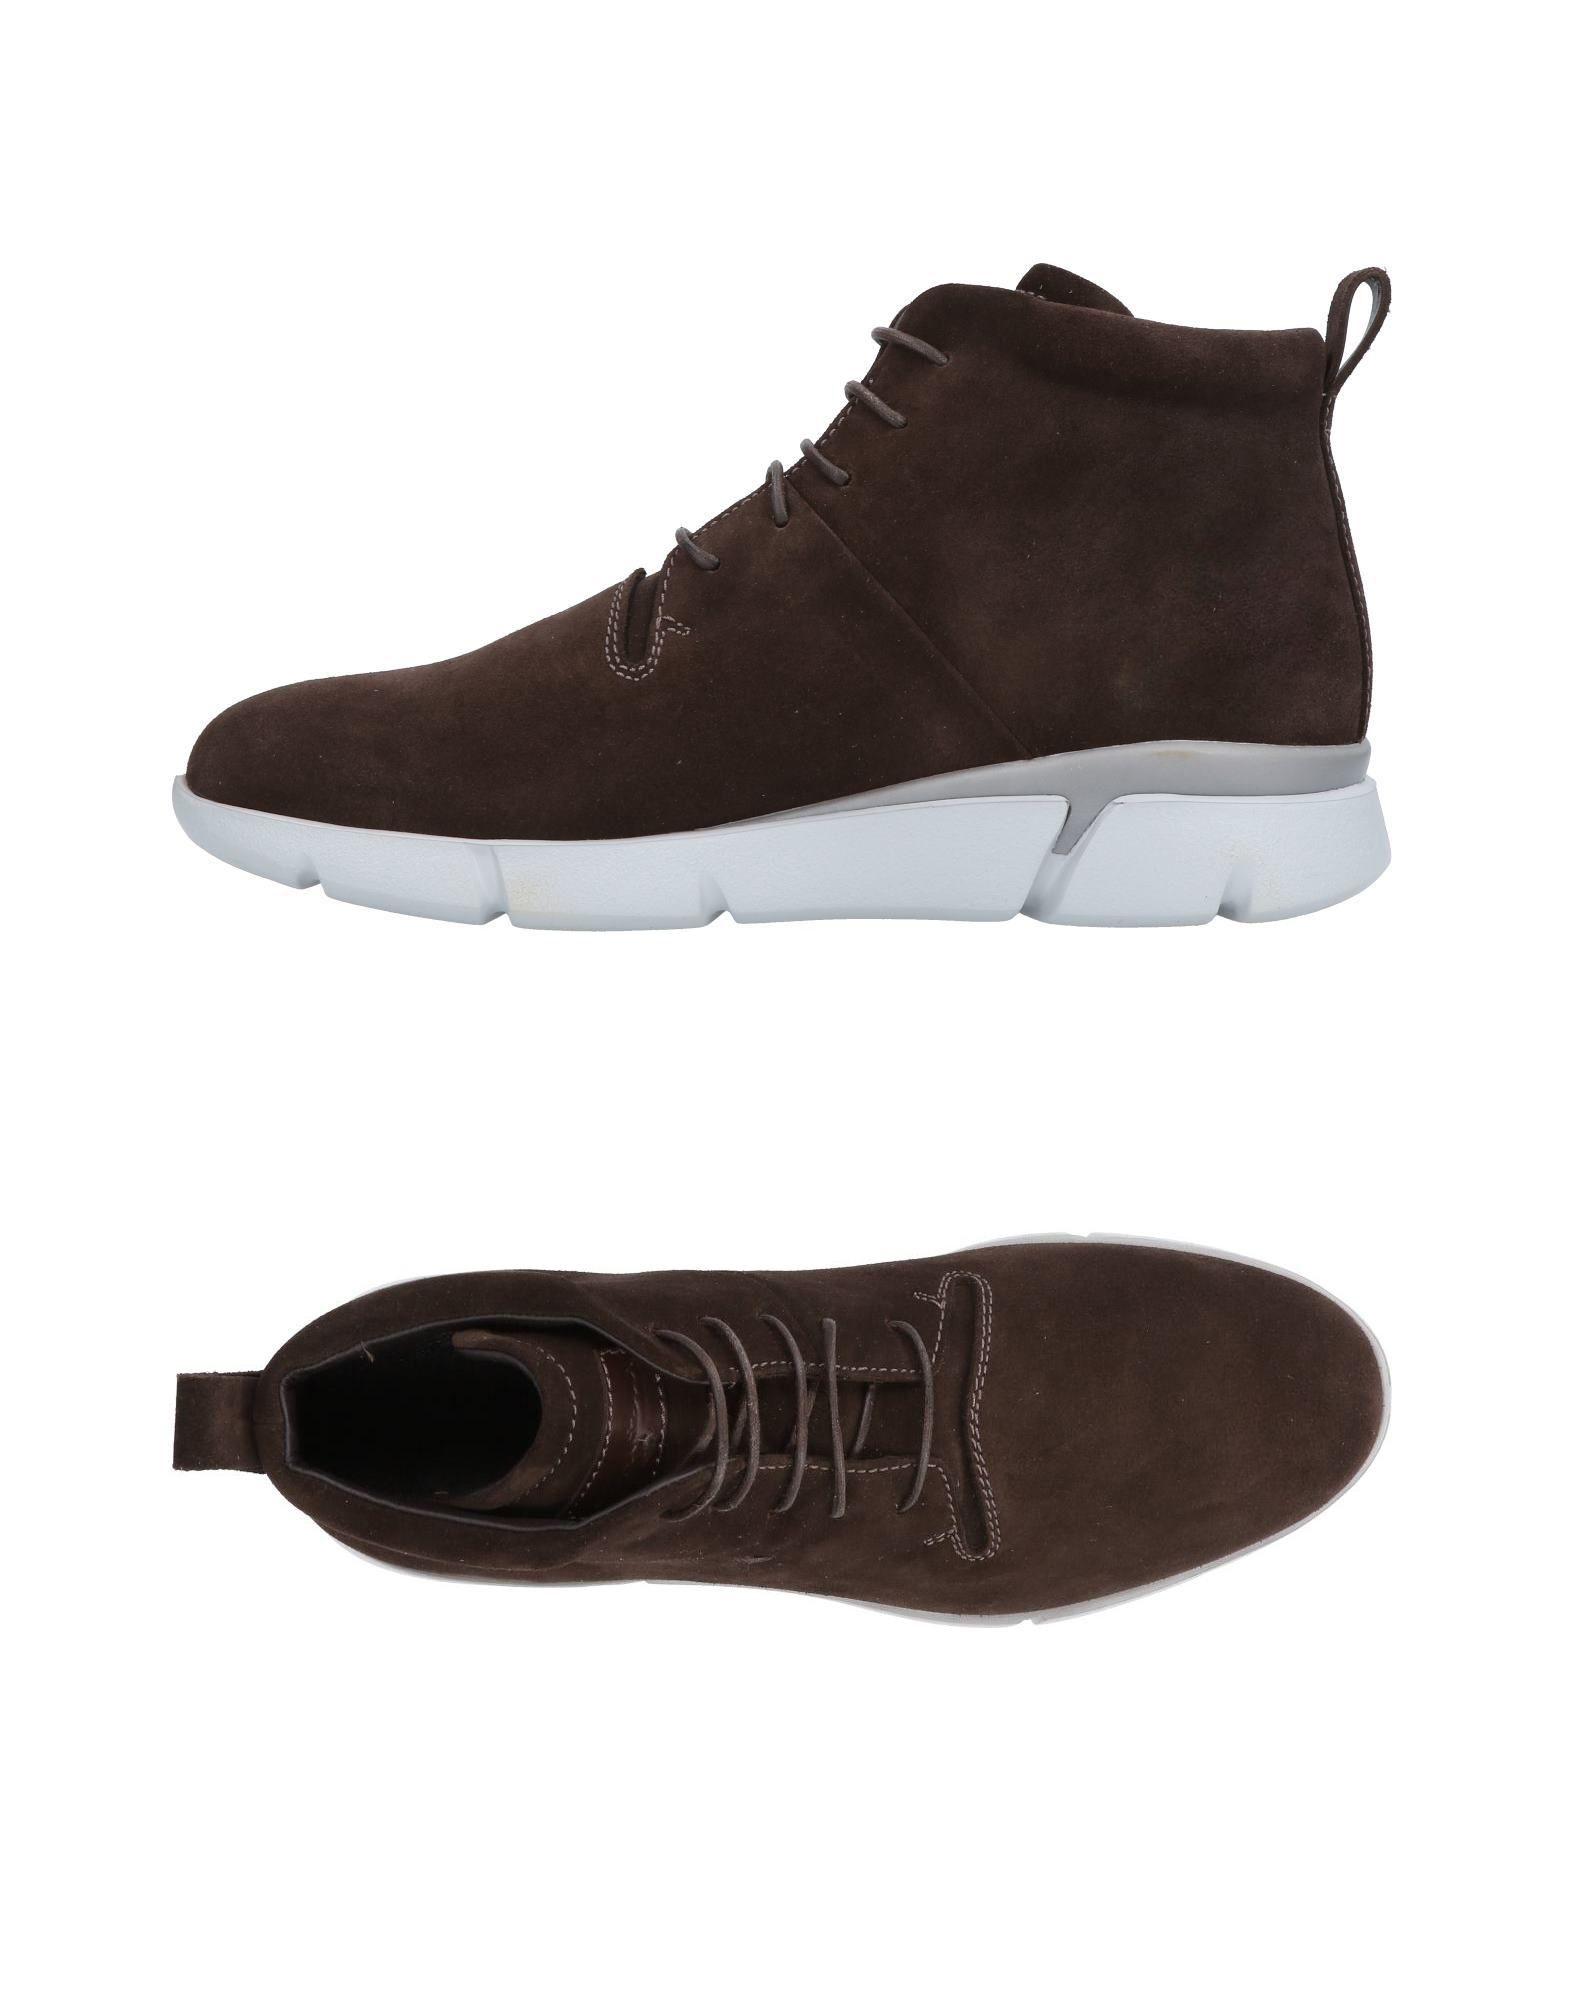 Santoni Sneakers Herren  11488441TE Gute Qualität beliebte Schuhe